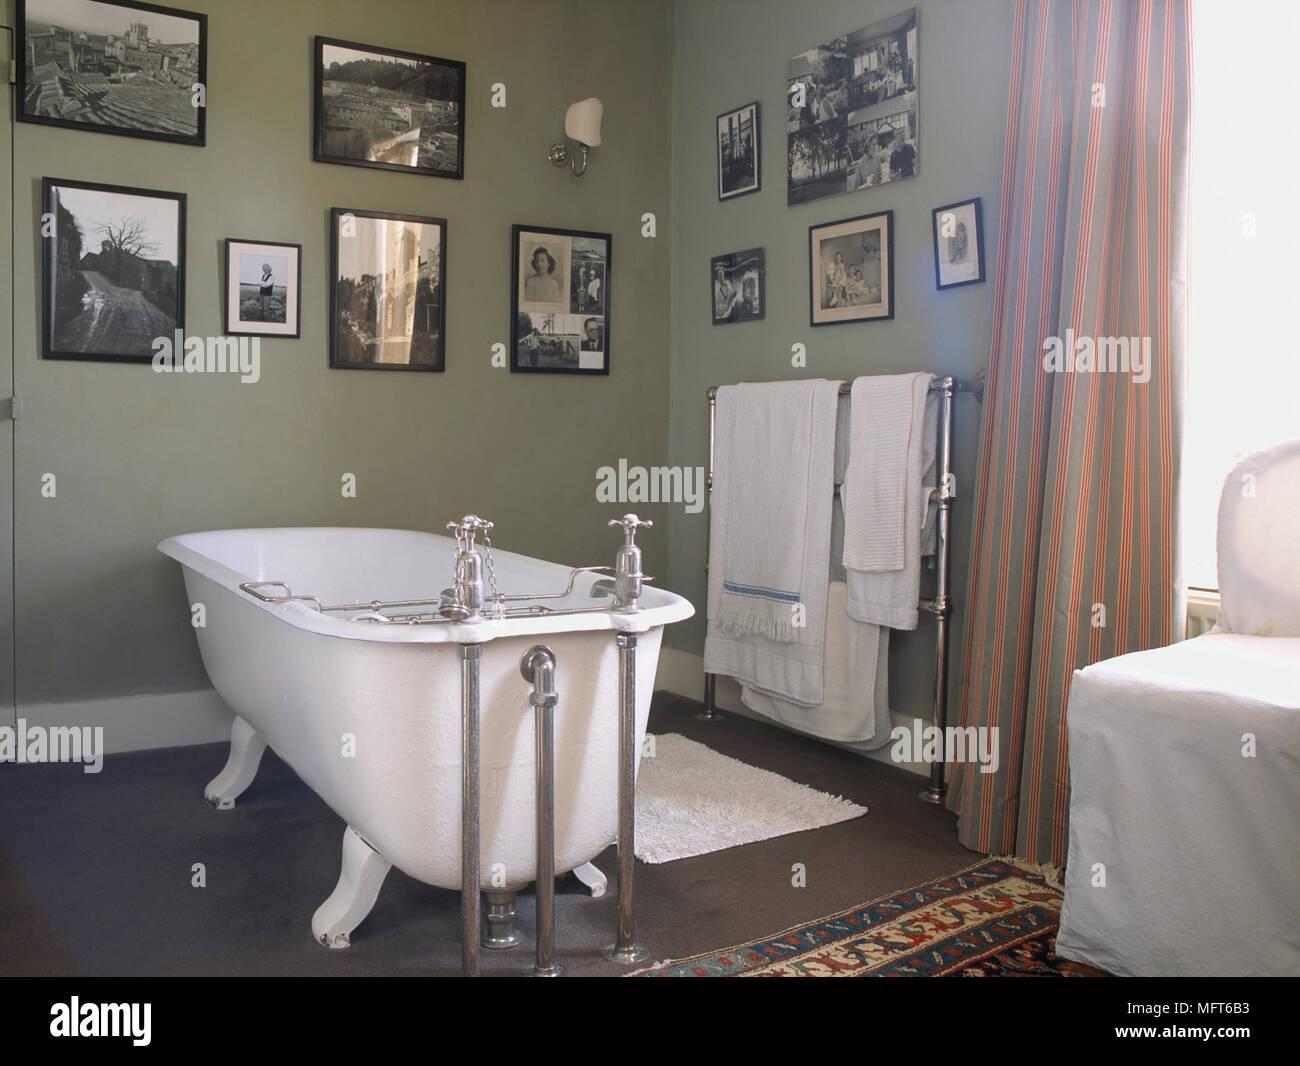 Wunderbar Ein Traditionelles, Grüne Badezimmer Mit Einer Freistehenden Badewanne Mit  Whirlpool, Muster, Vorhänge,